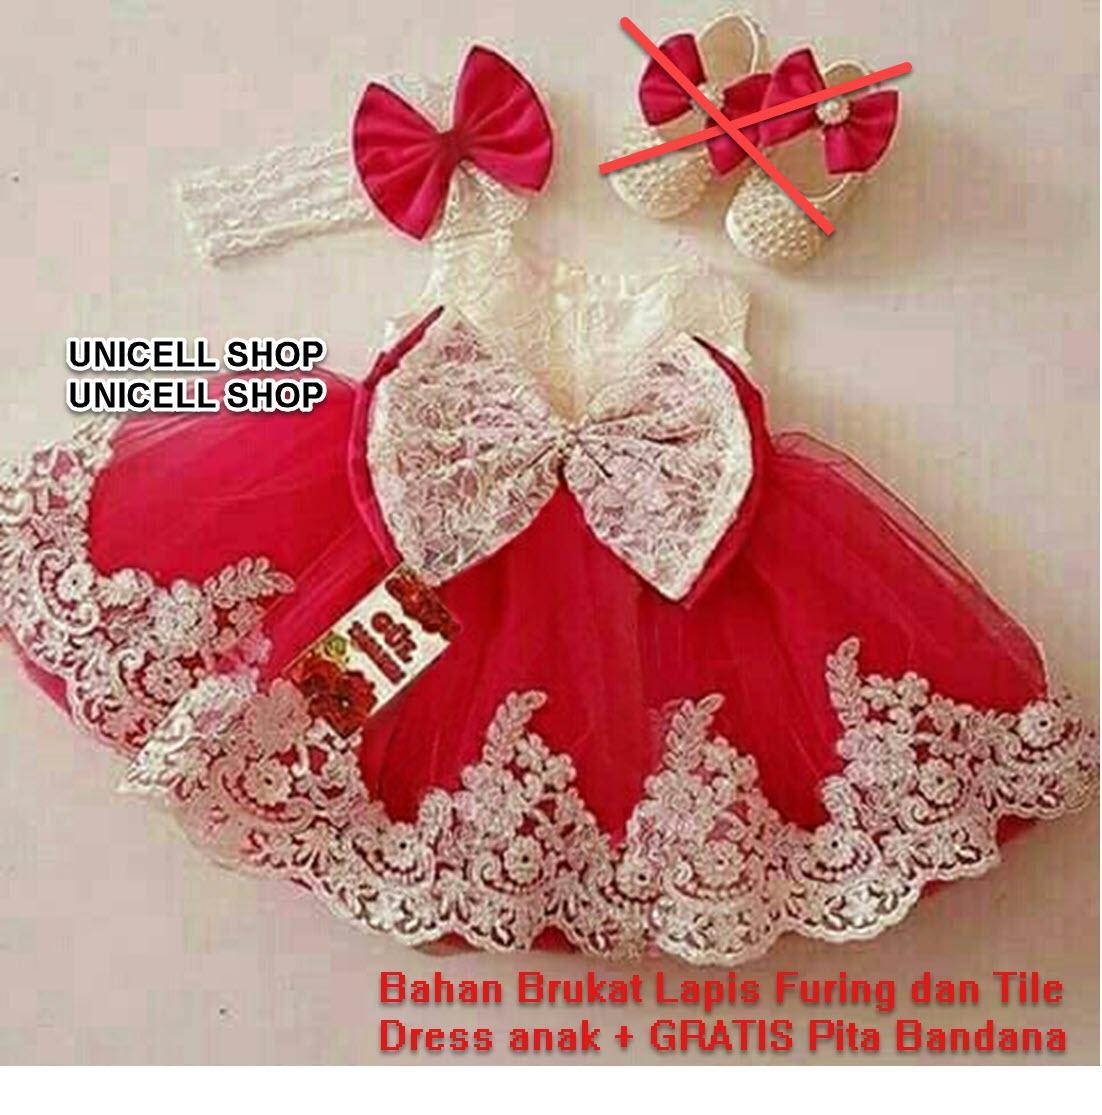 Fitur Baju Wanita Shop Setelan Anak Lucu Bless Girl Dress Perempuan Motif Cat Princess Gratis Bandana Cantik